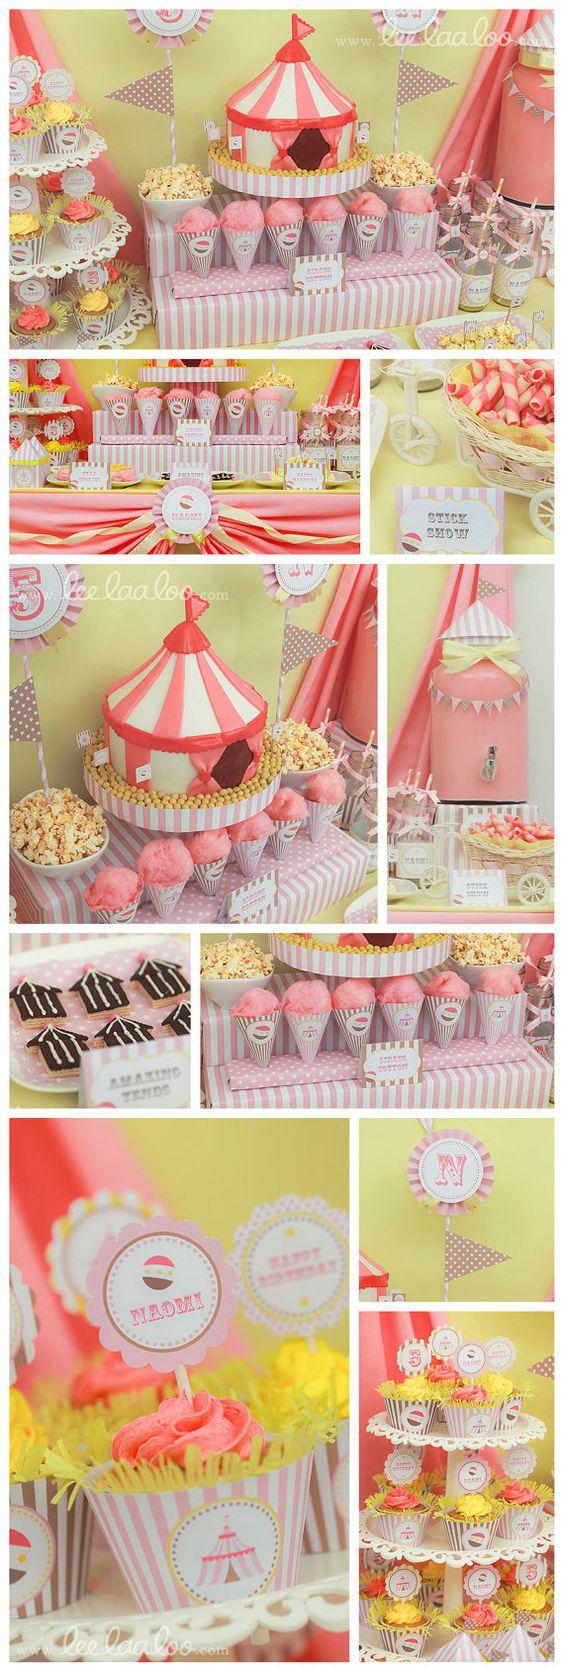 Pas d'idée pour votre baby shower ? Voici une idée de présentation pour vos cupcakes sur le thème du cirque #bébé #fille #cupcake